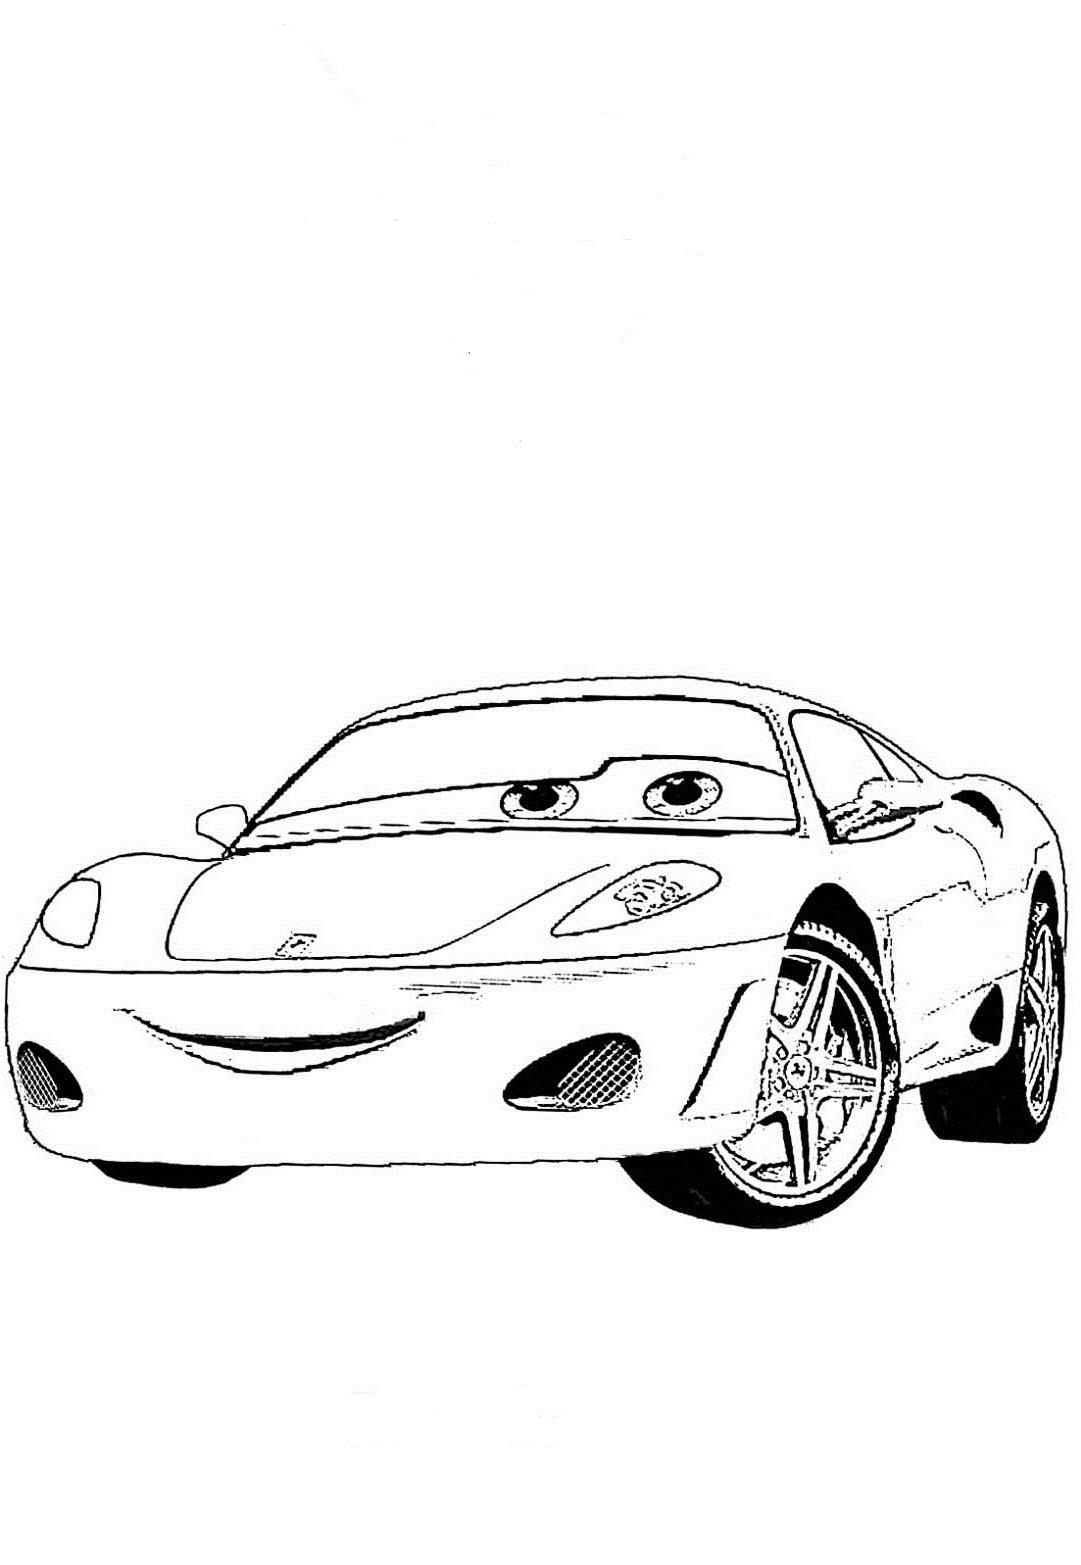 ausmalbilder malvorlagen von cars kostenlos zum